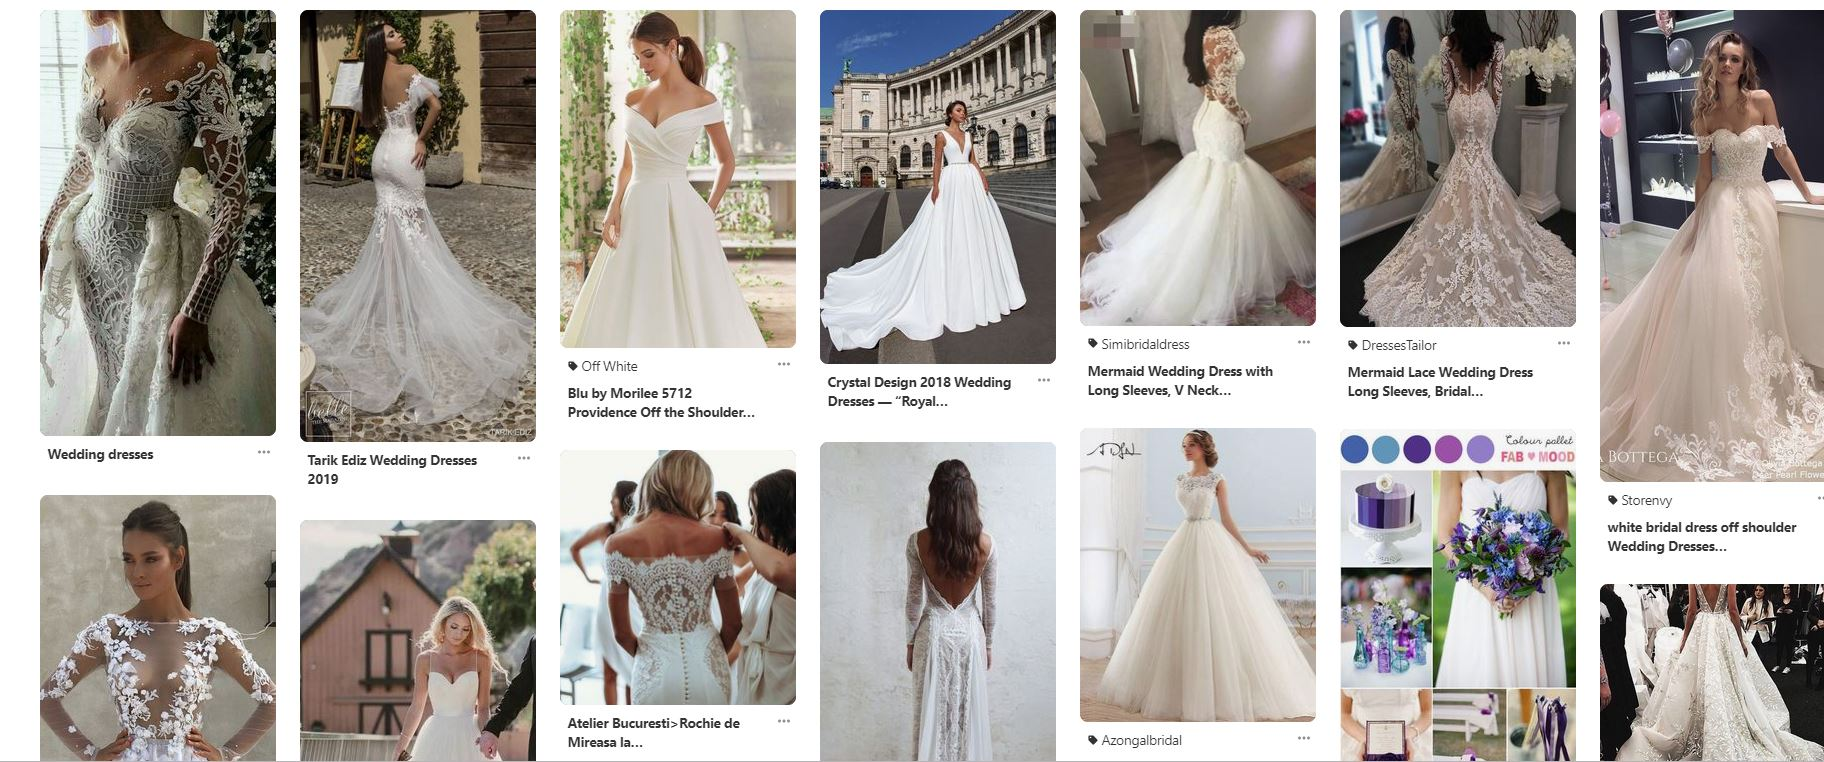 Atenție, femei! Ce rochie de mireasă ți se potrivește în funcție de zodie!